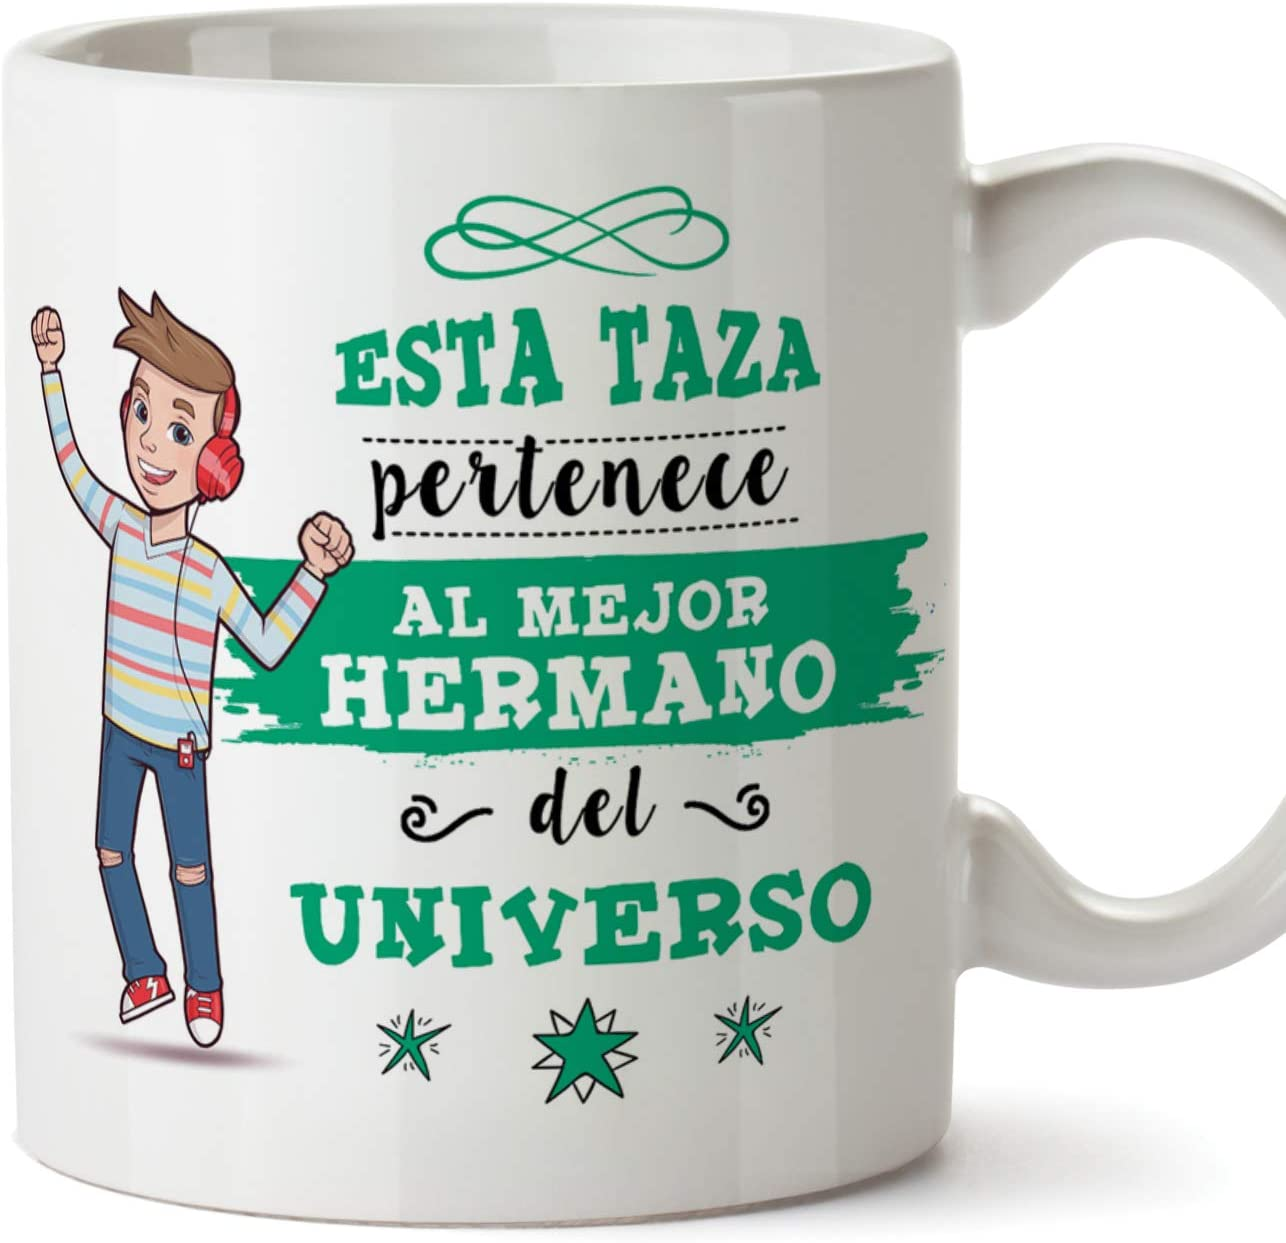 MUGFFINS Taza Hermano - Esta Taza Pertenece al Mejor Hermano del Universo - Taza Desayuno/Idea Regalo Original/Cumpleaños de Hermanitos. Cerámica 350 mL